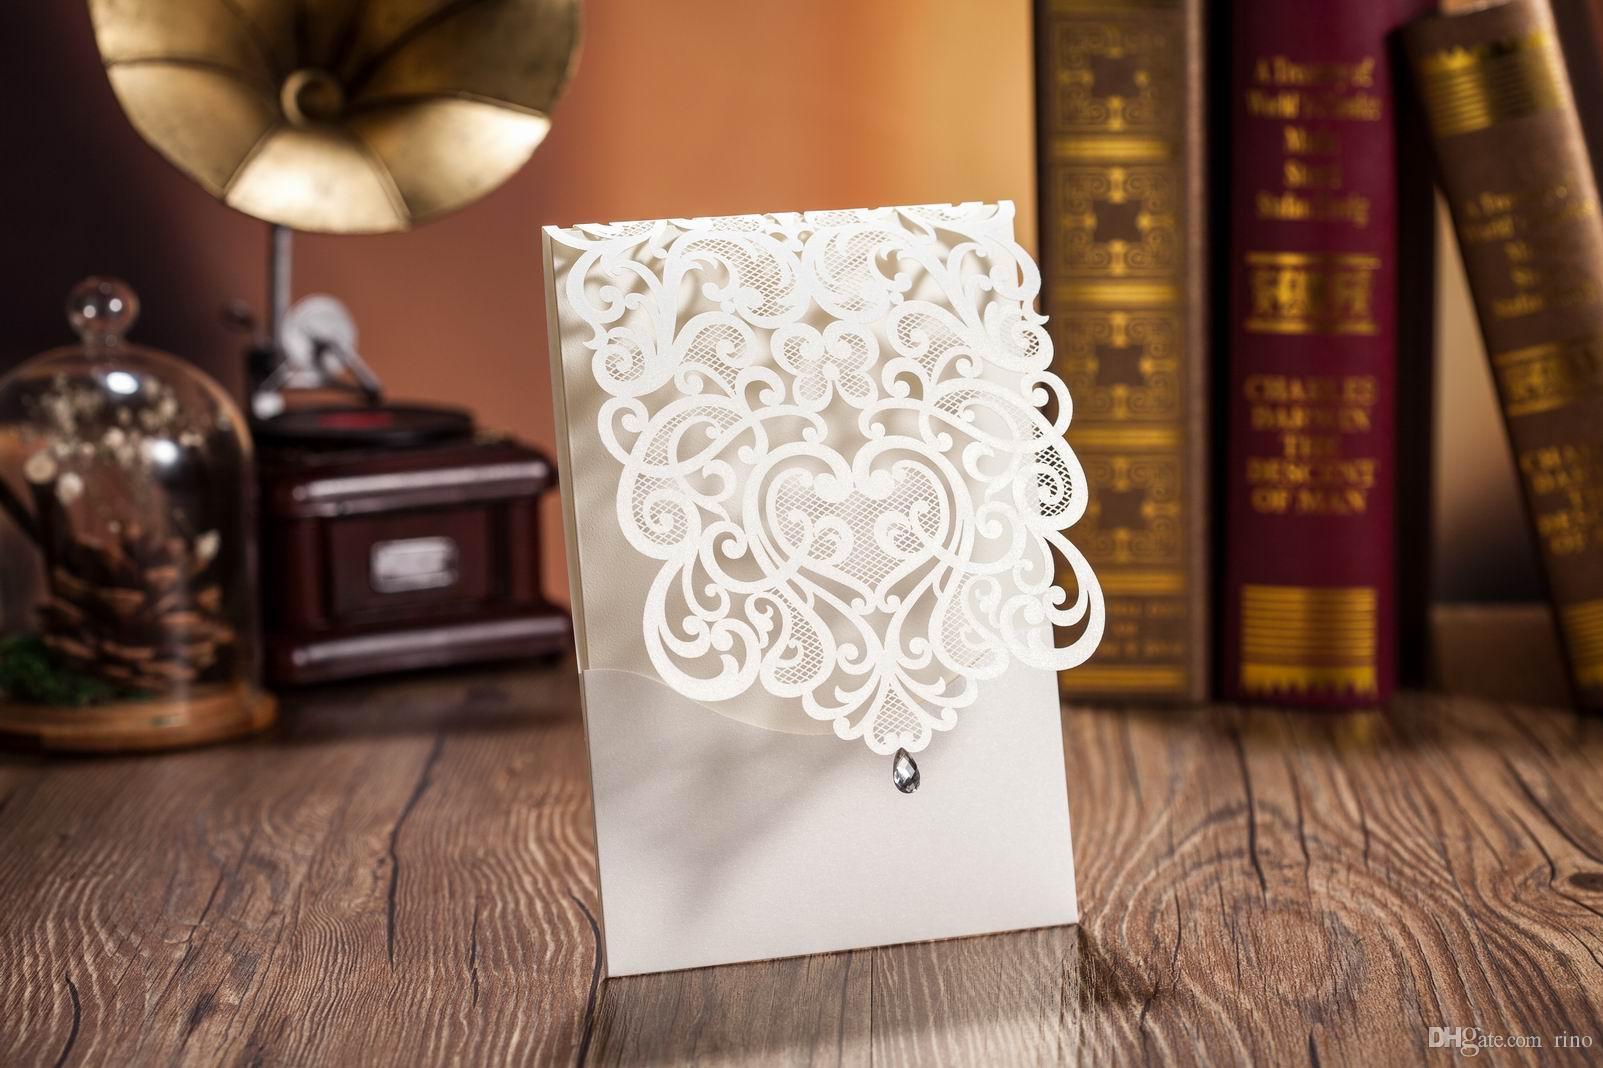 Tarjetas de invitaciones de boda cortadas a láser Tarjetas de invitación de boda huecas personalizadas Suministros de boda Impresión personalizada gratis